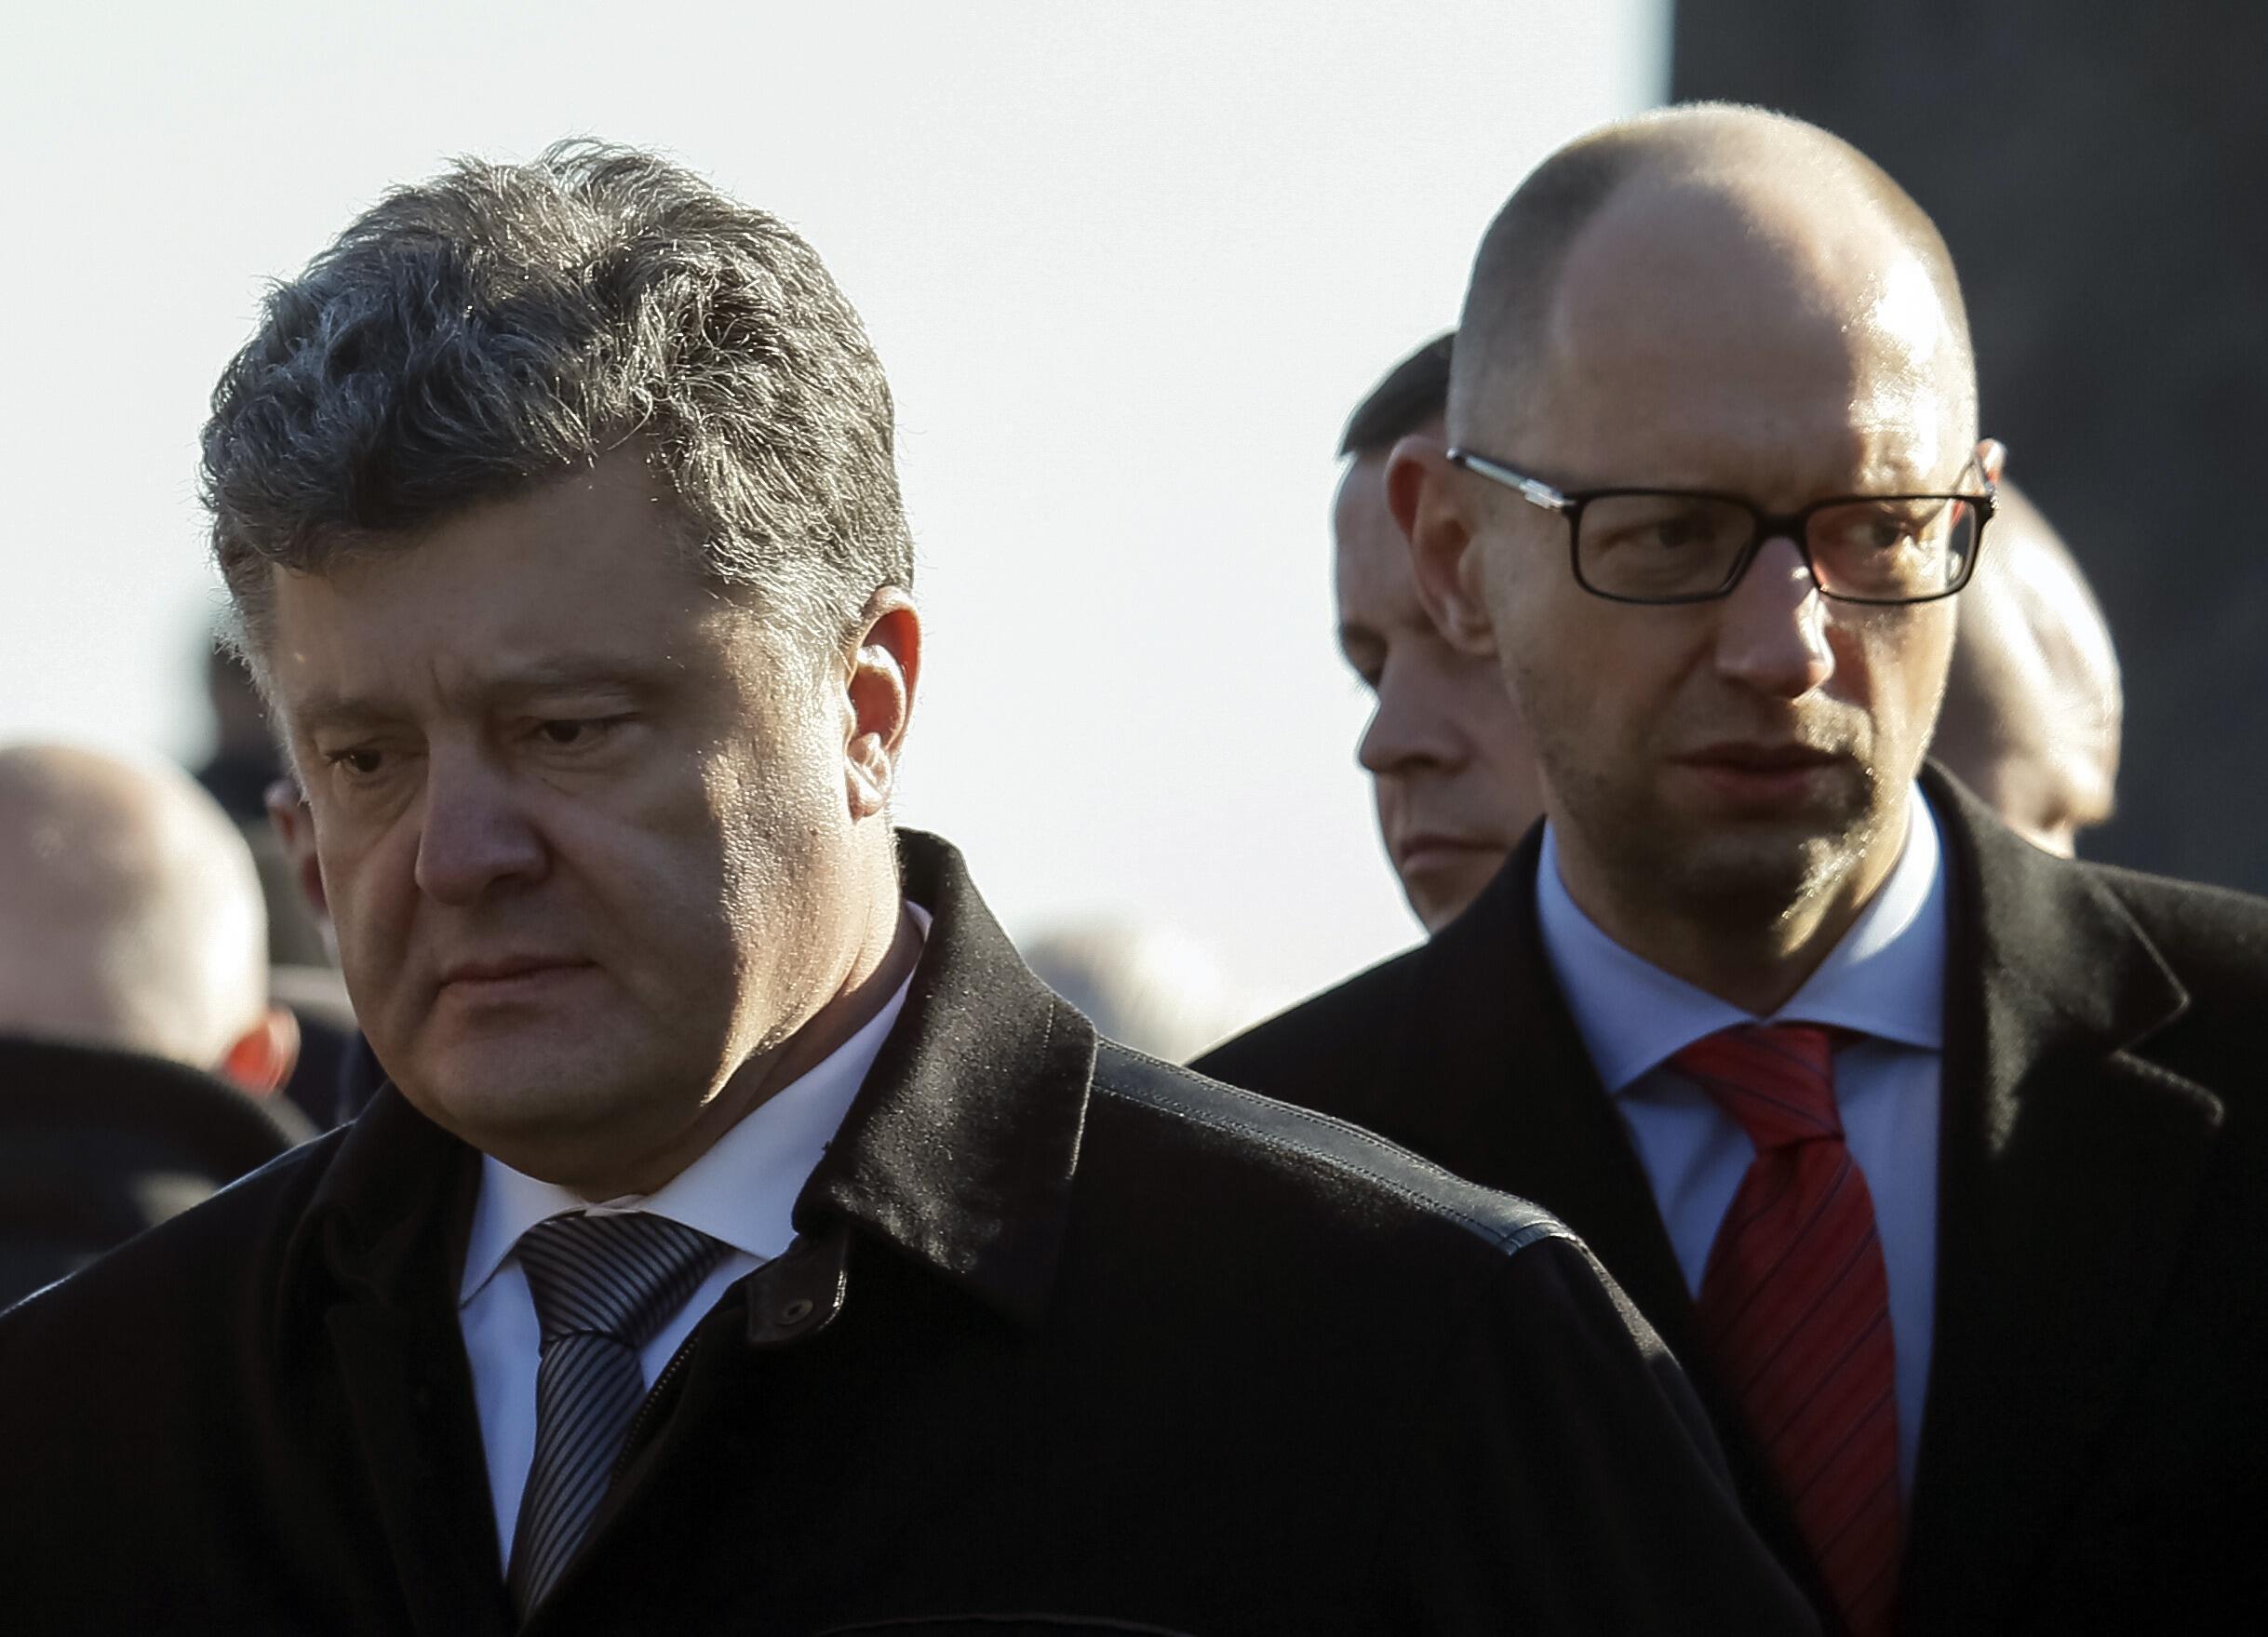 O presidente Petro Porochenko (esq.) e o primeiro-ministro Arseny Yatseniuk durante cerimônia em Kiev, no final de outubro.